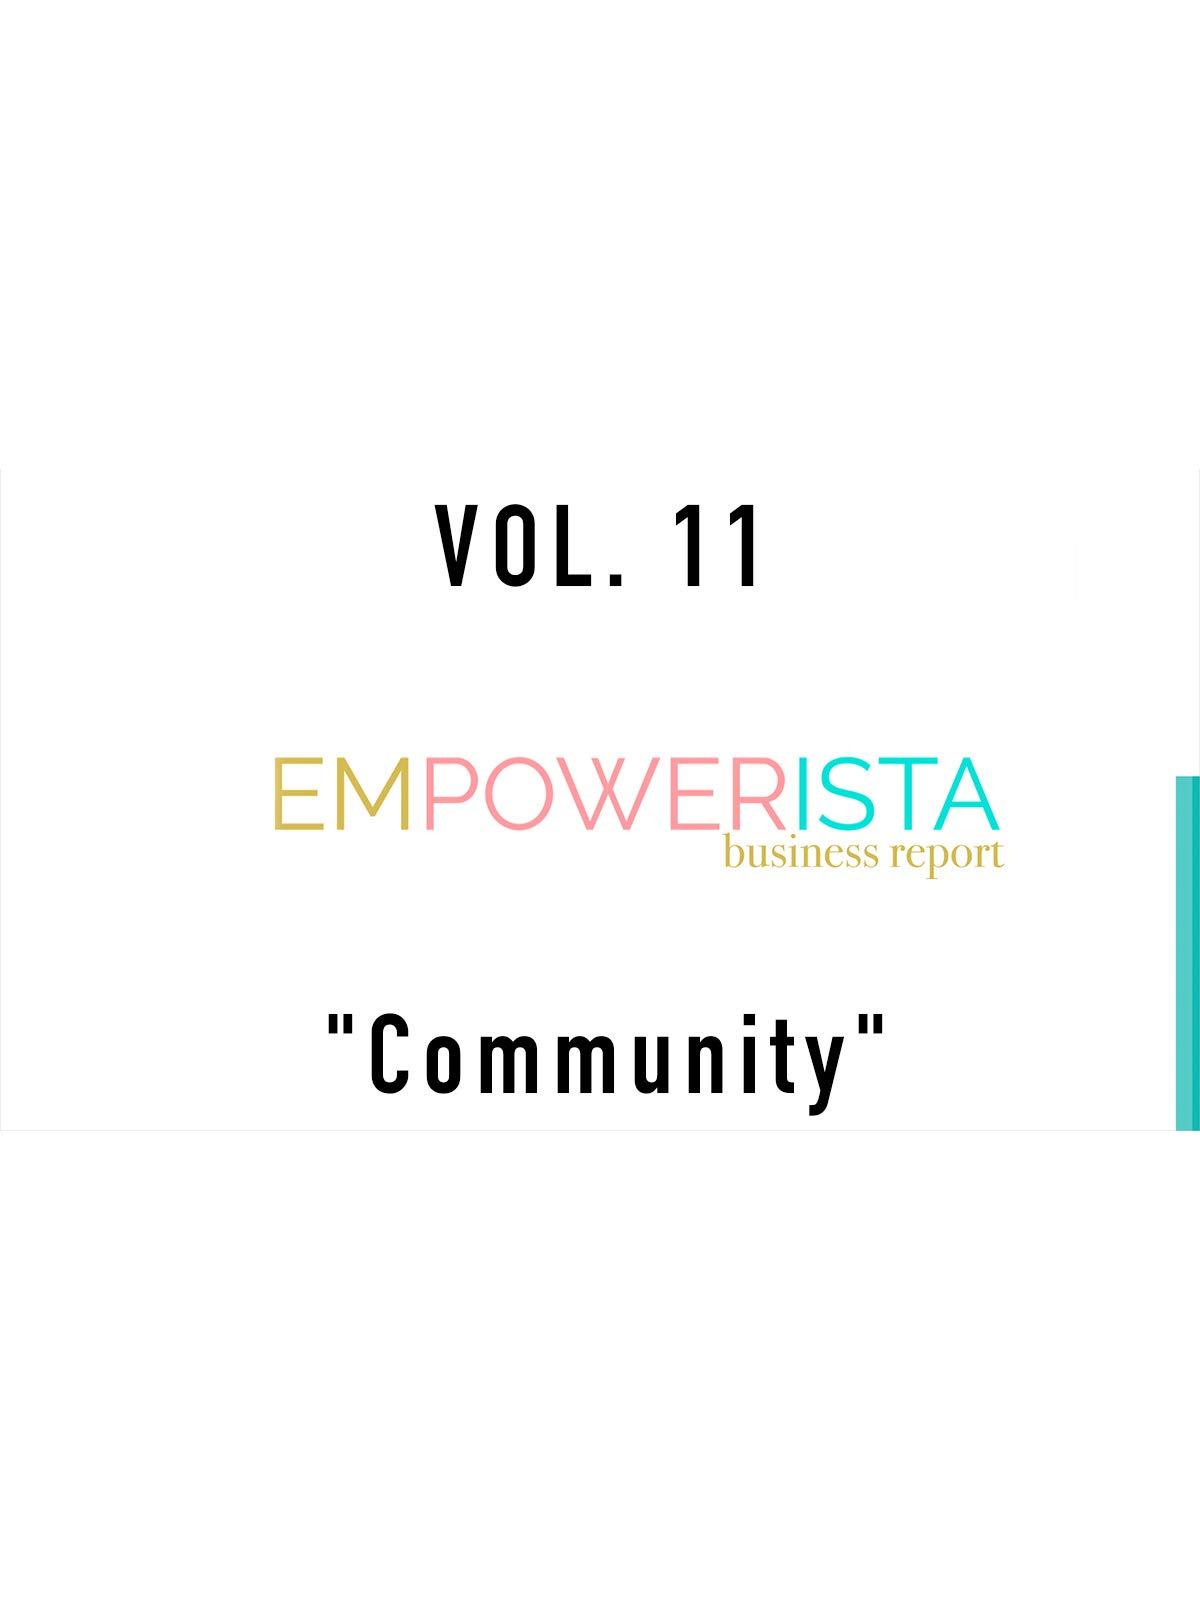 Empowerista Vol. 11